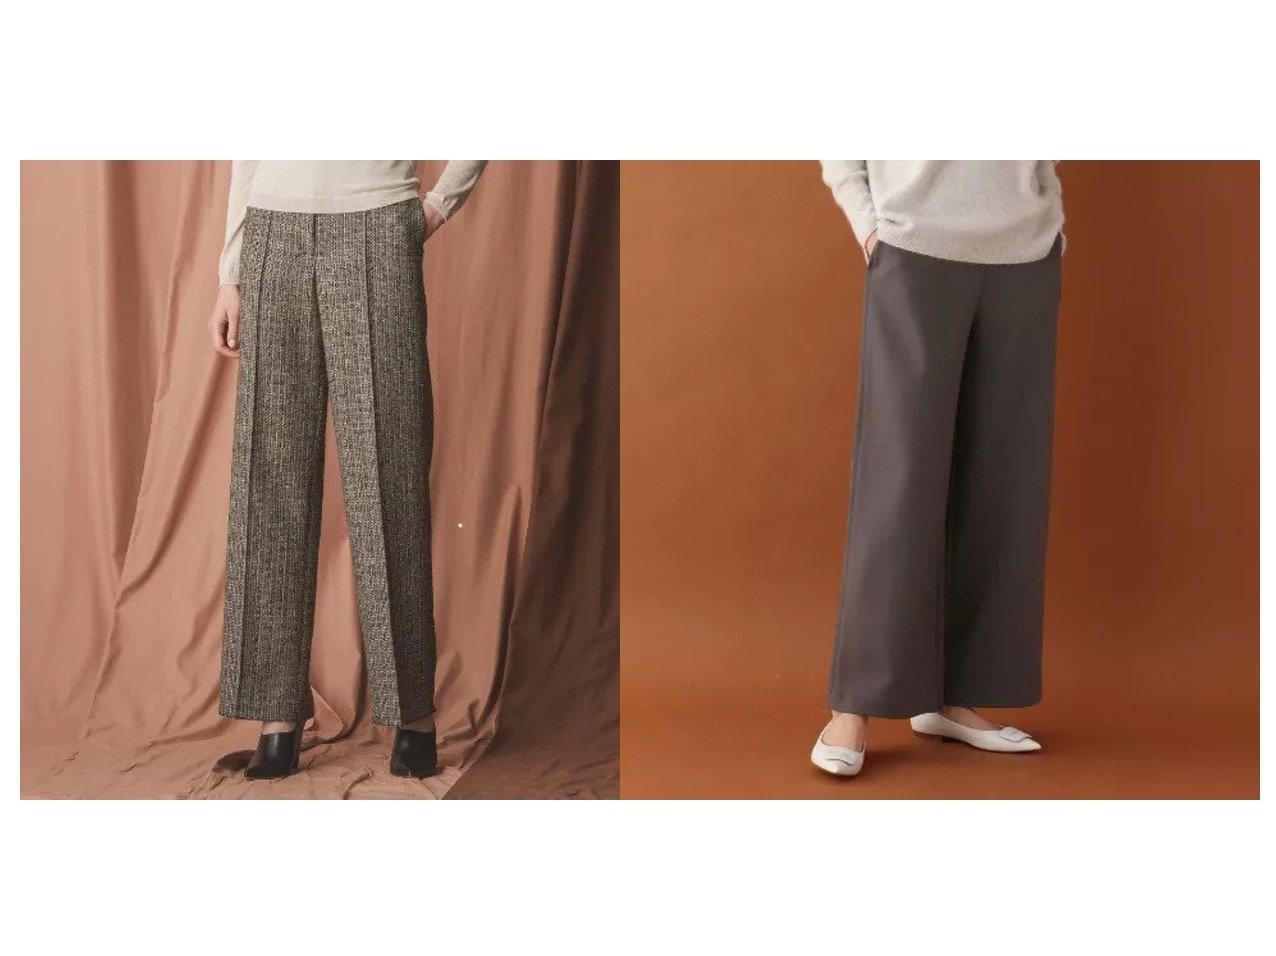 【DRESSTERIOR/ドレステリア】のシャインミルドスムースワイドパンツ&【EPOCA/エポカ】の【24 TWENTY FOUR JACKET Tweed】ストレートラインパンツ パンツのおすすめ!人気、レディースファッションの通販 おすすめで人気のファッション通販商品 インテリア・家具・キッズファッション・メンズファッション・レディースファッション・服の通販 founy(ファニー) https://founy.com/ ファッション Fashion レディース WOMEN アウター Coat Outerwear ジャケット Jackets パンツ Pants ジャケット ストレッチ ツイード ストレート ワイド  ID:crp329100000001429